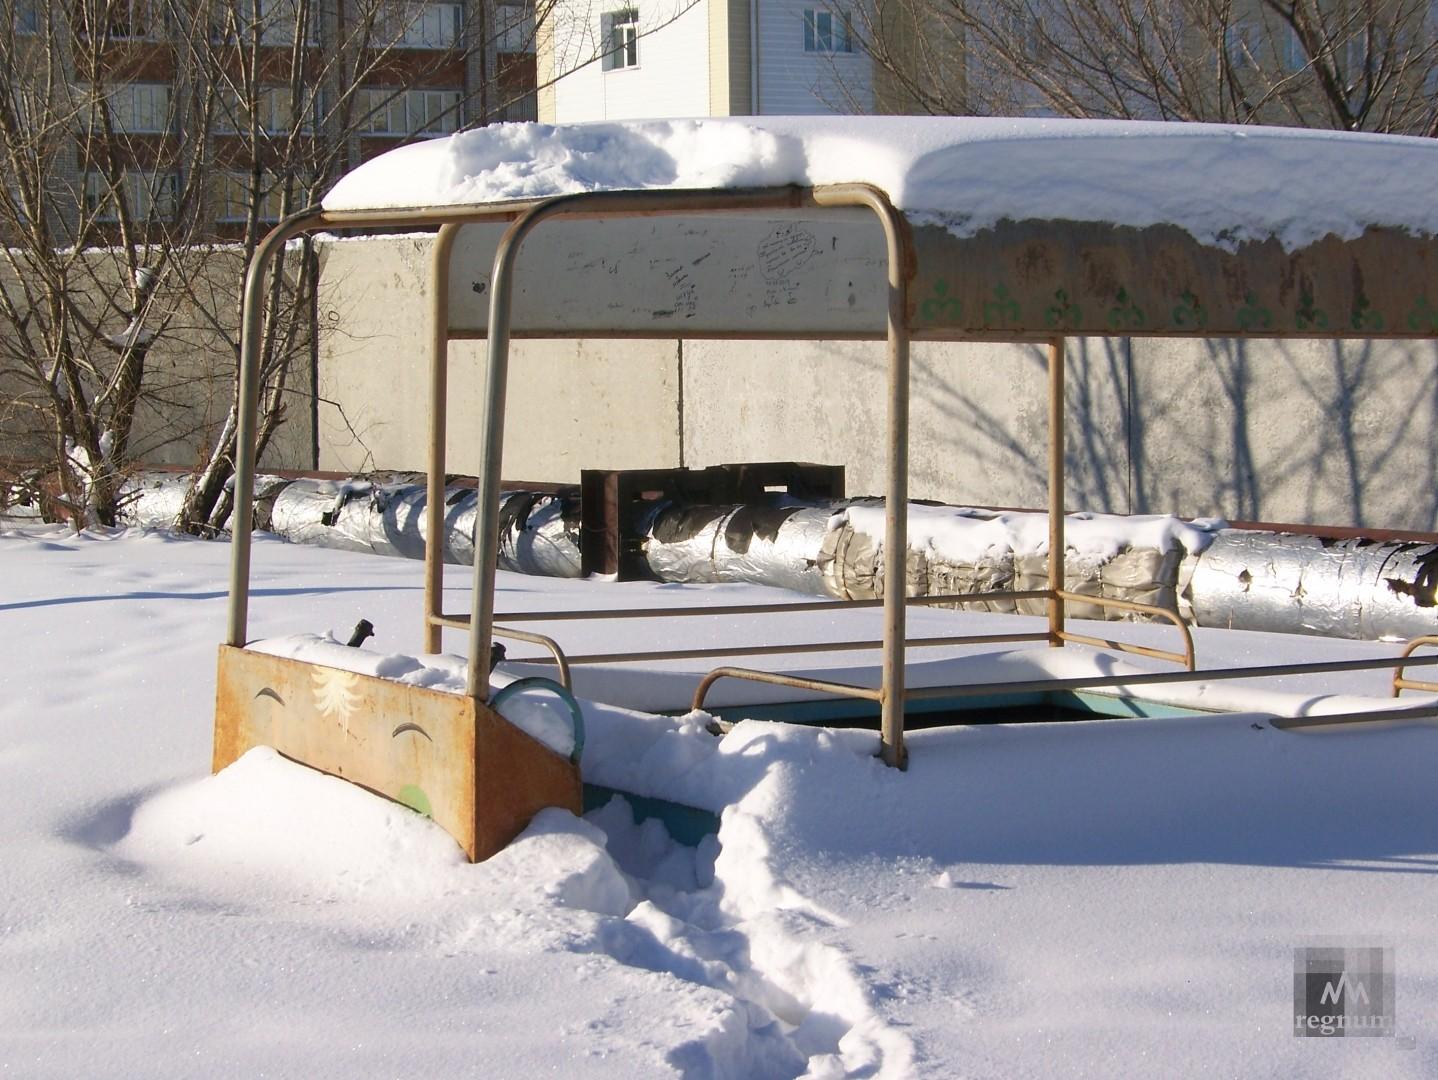 Детская площадка возле дома на улица Спекова и теплотрасса